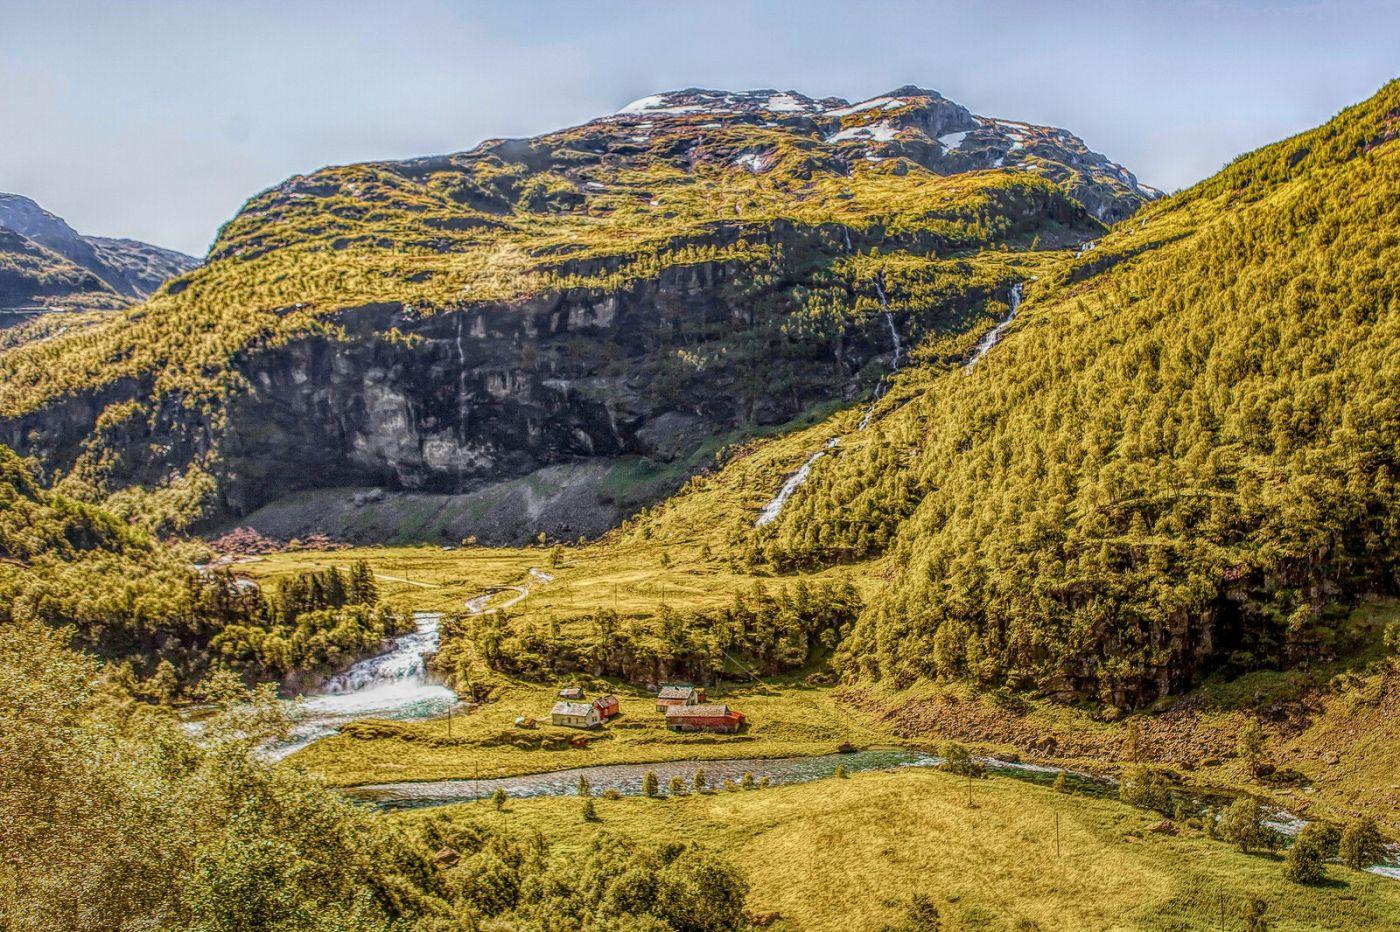 挪威弗拉姆铁路(Flam Railway),沿路的山水_图1-11